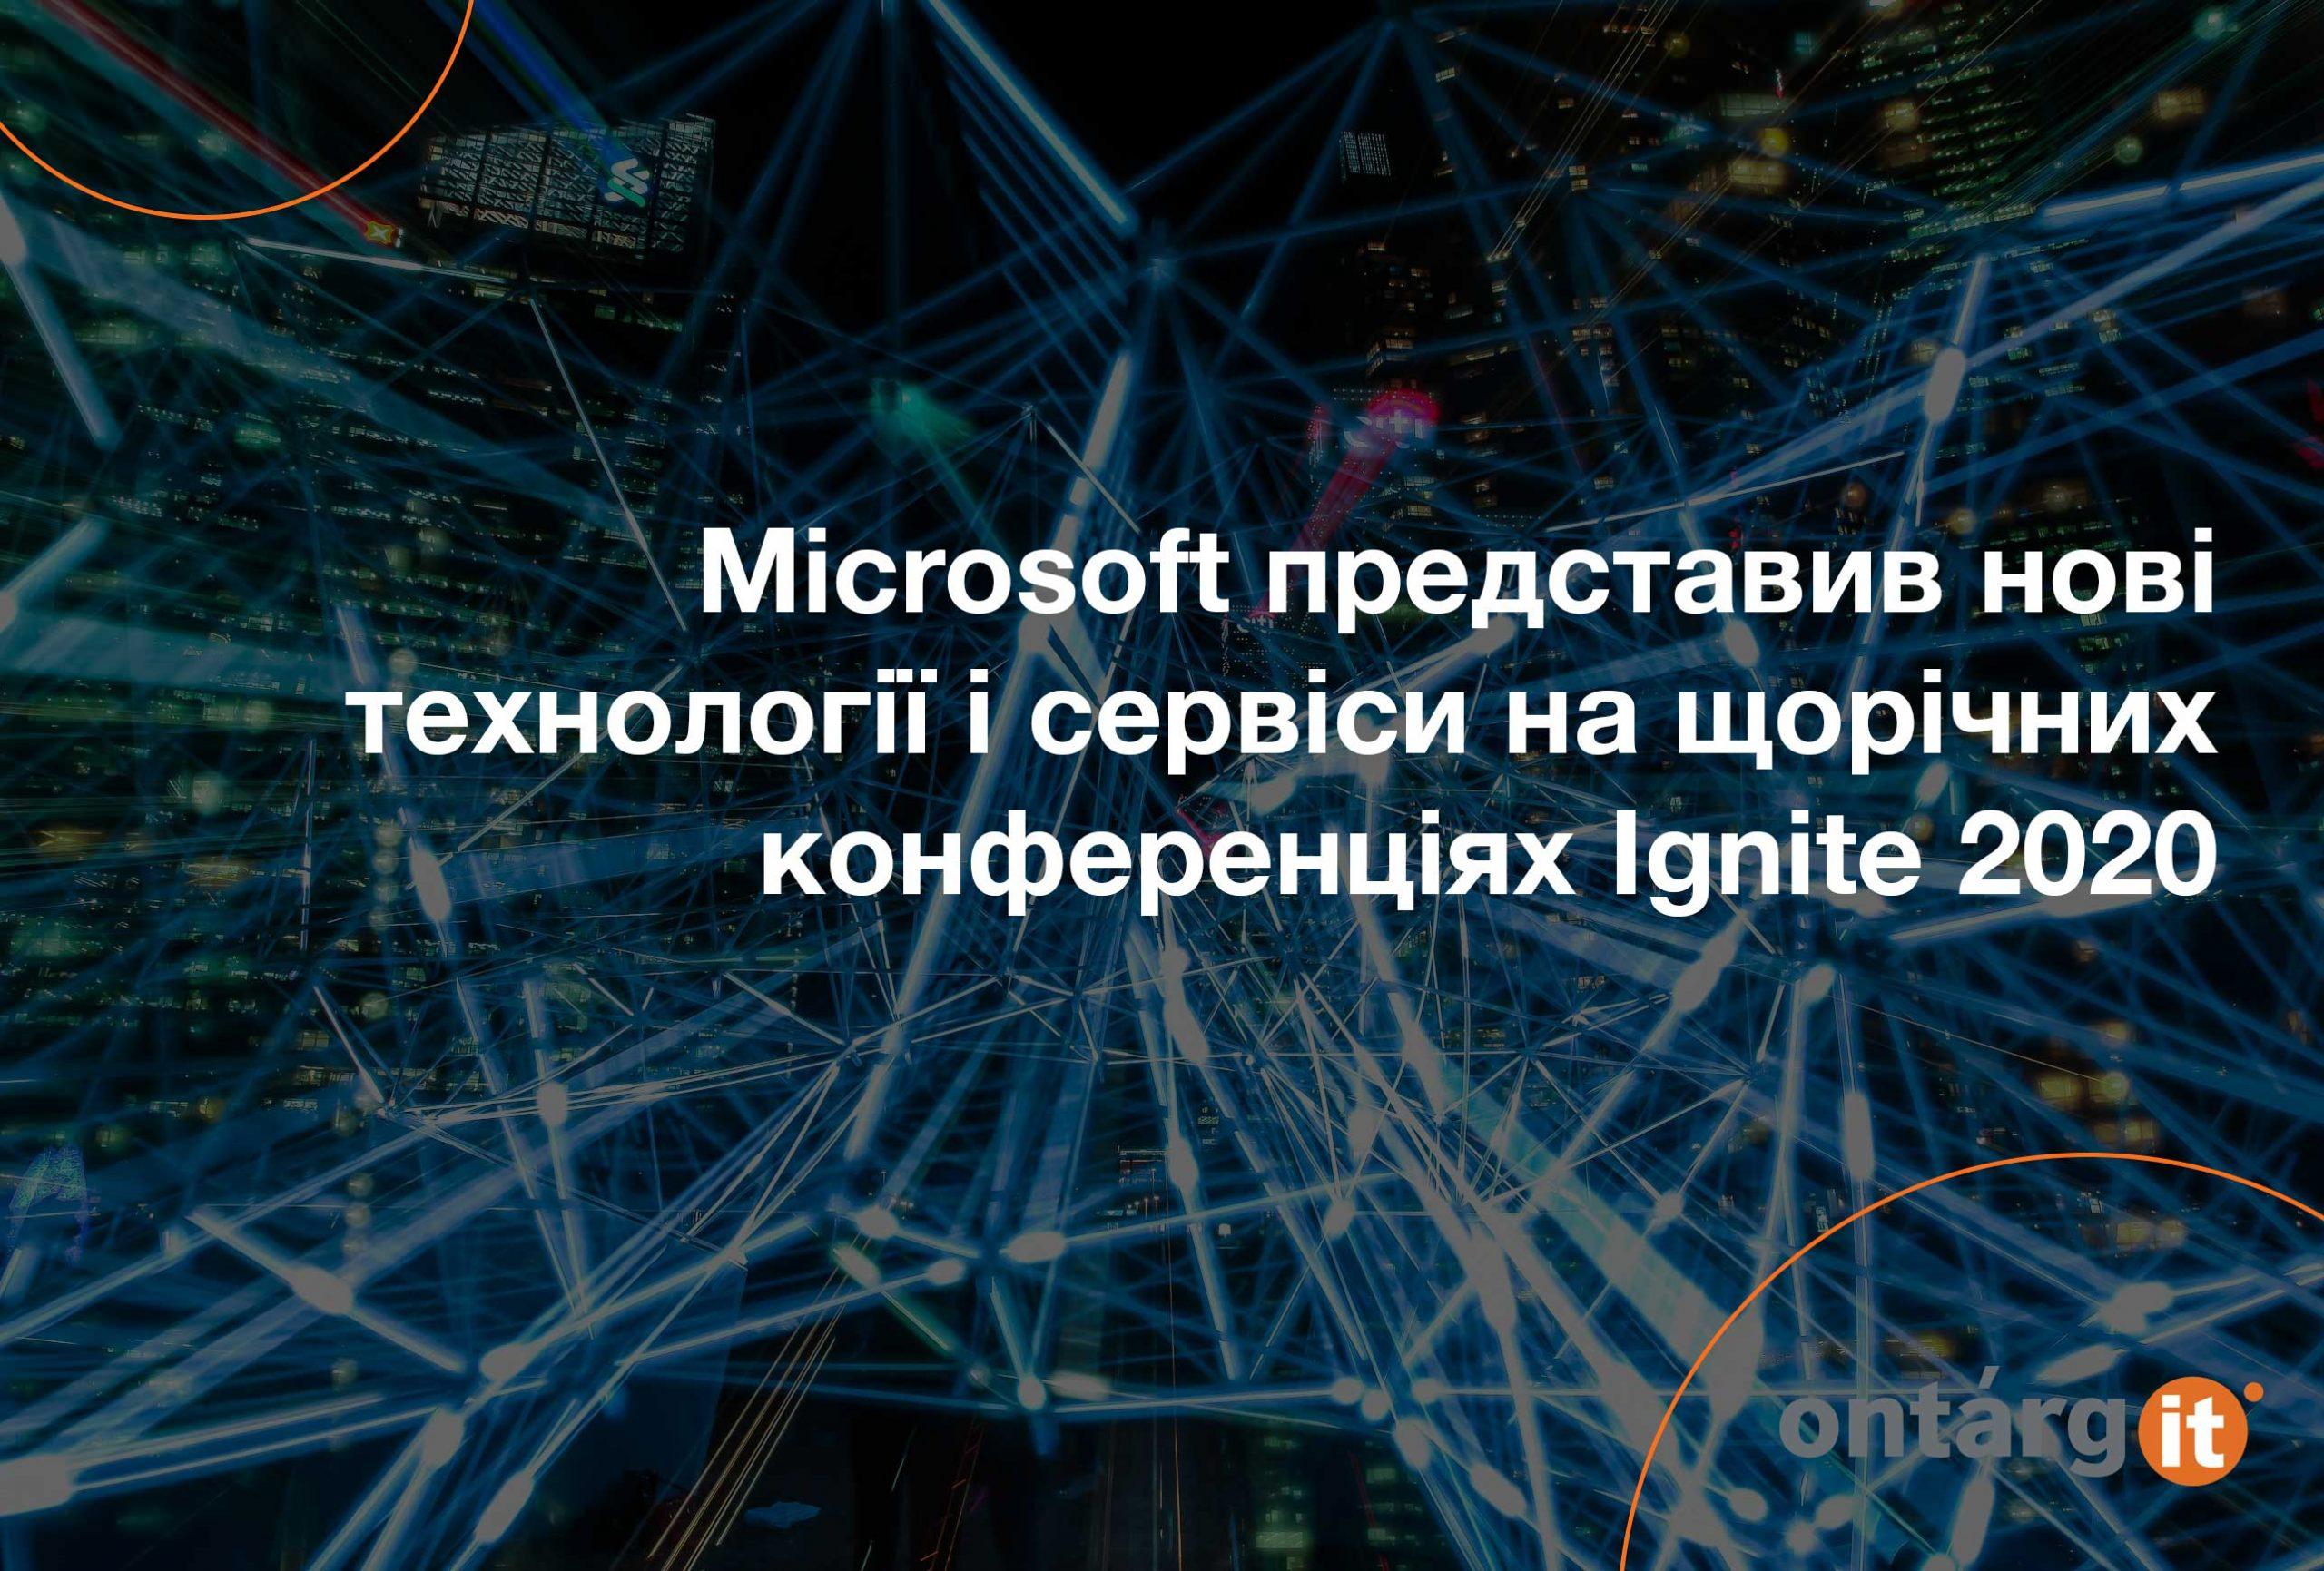 Microsoft-представив-нові-технології-і-сервіси-на-щорічних-конференціях-Ignite-2020